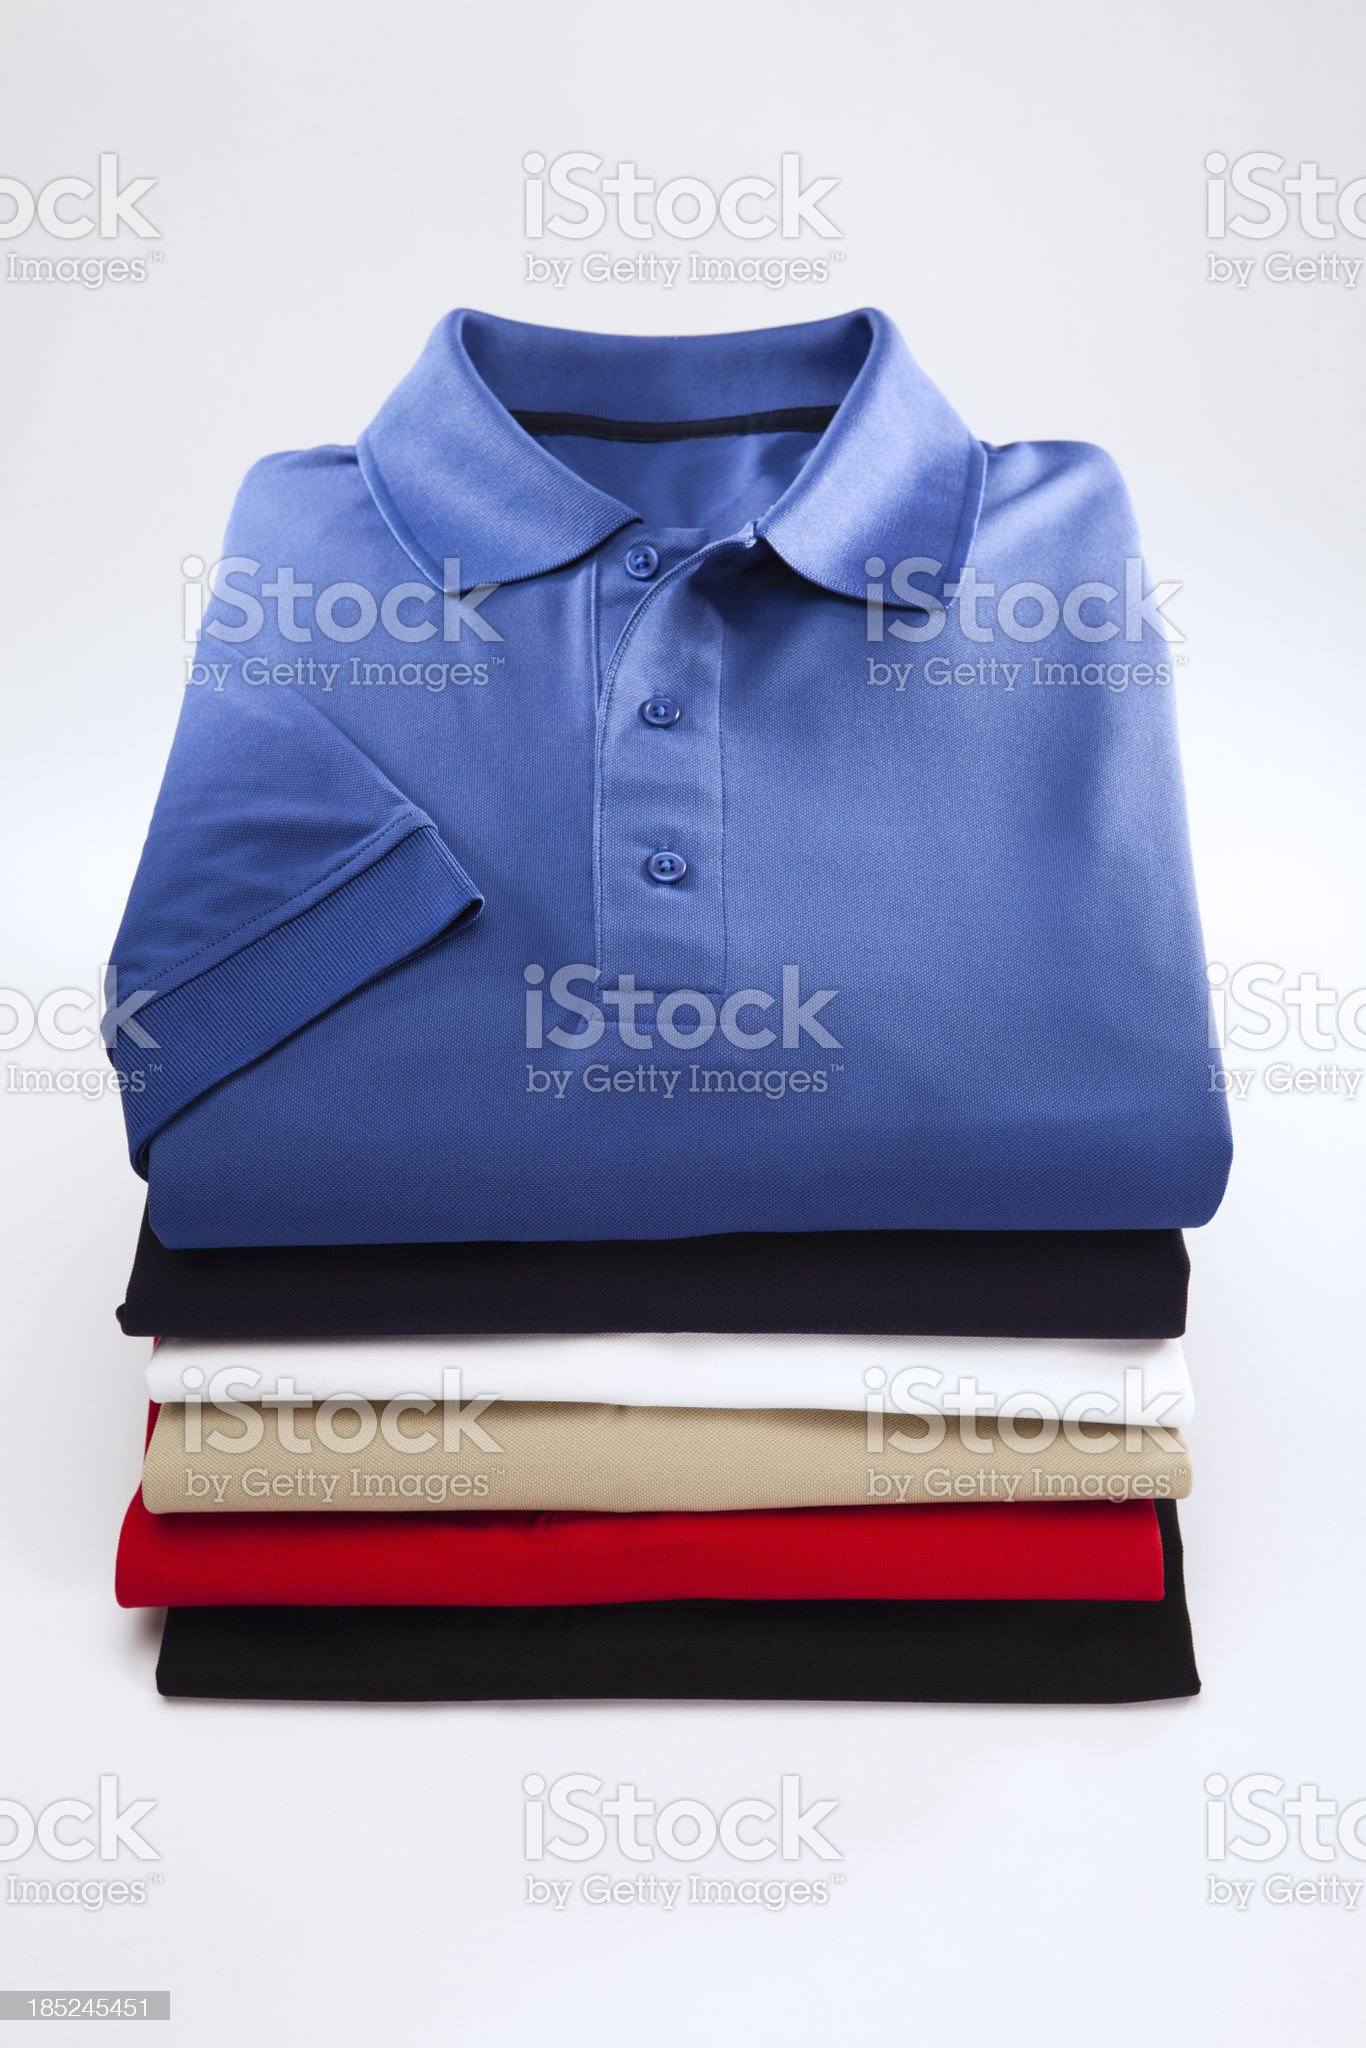 Close up of a mens shirts royalty-free stock photo